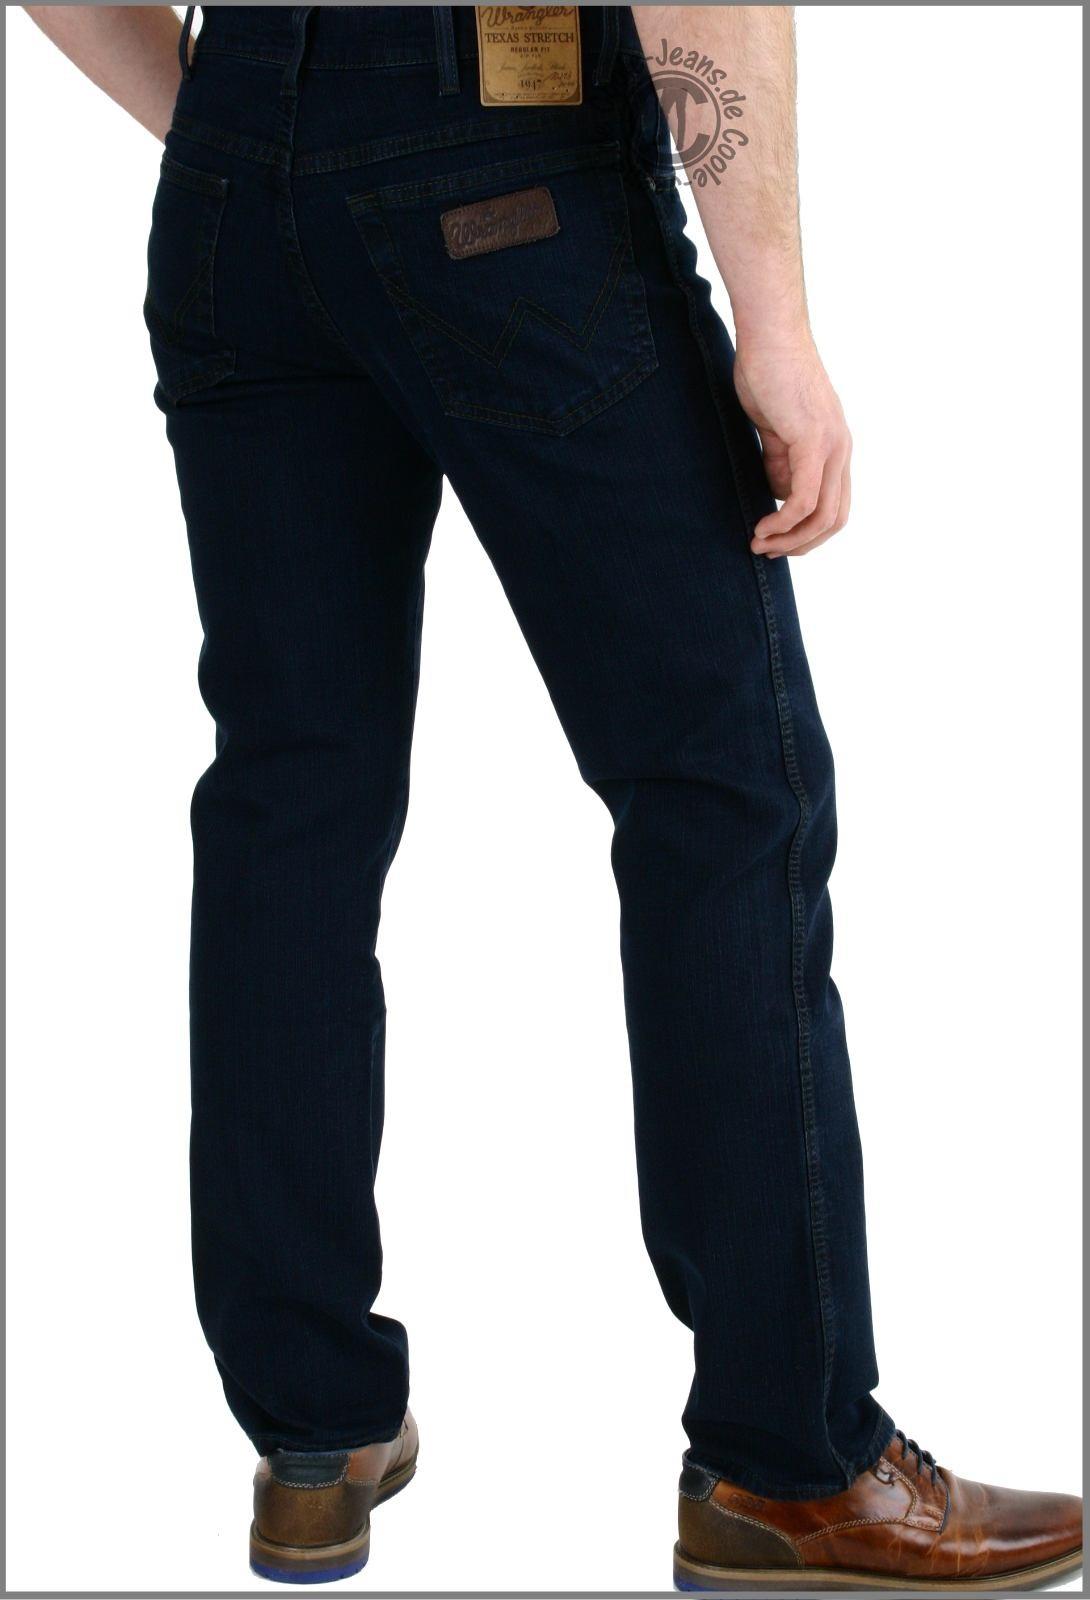 wrangler wrangler jeans wrangler jeans texas stretch blue black herrenjeans w12175001. Black Bedroom Furniture Sets. Home Design Ideas